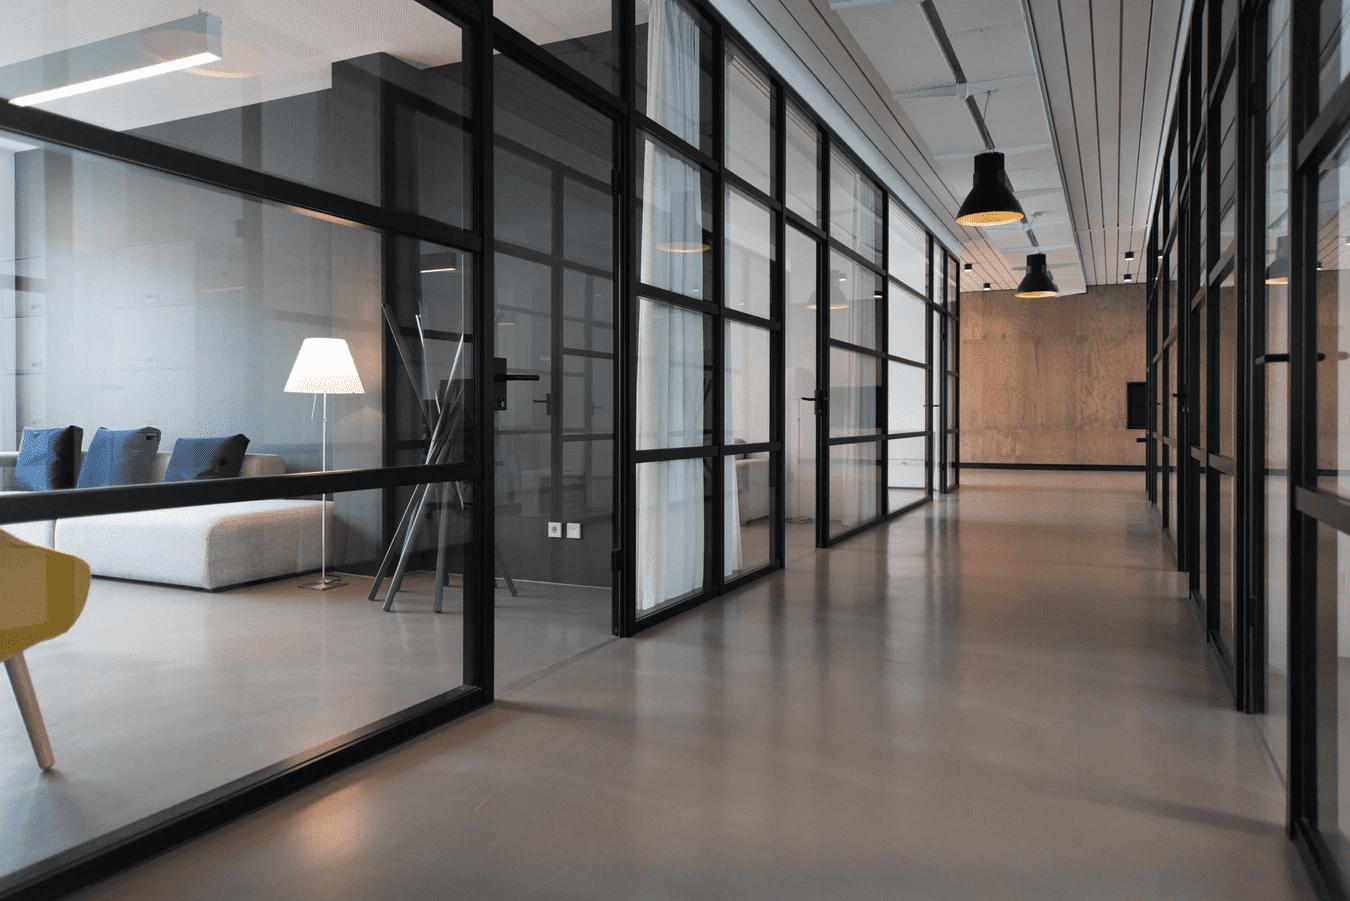 Inside an empty office space